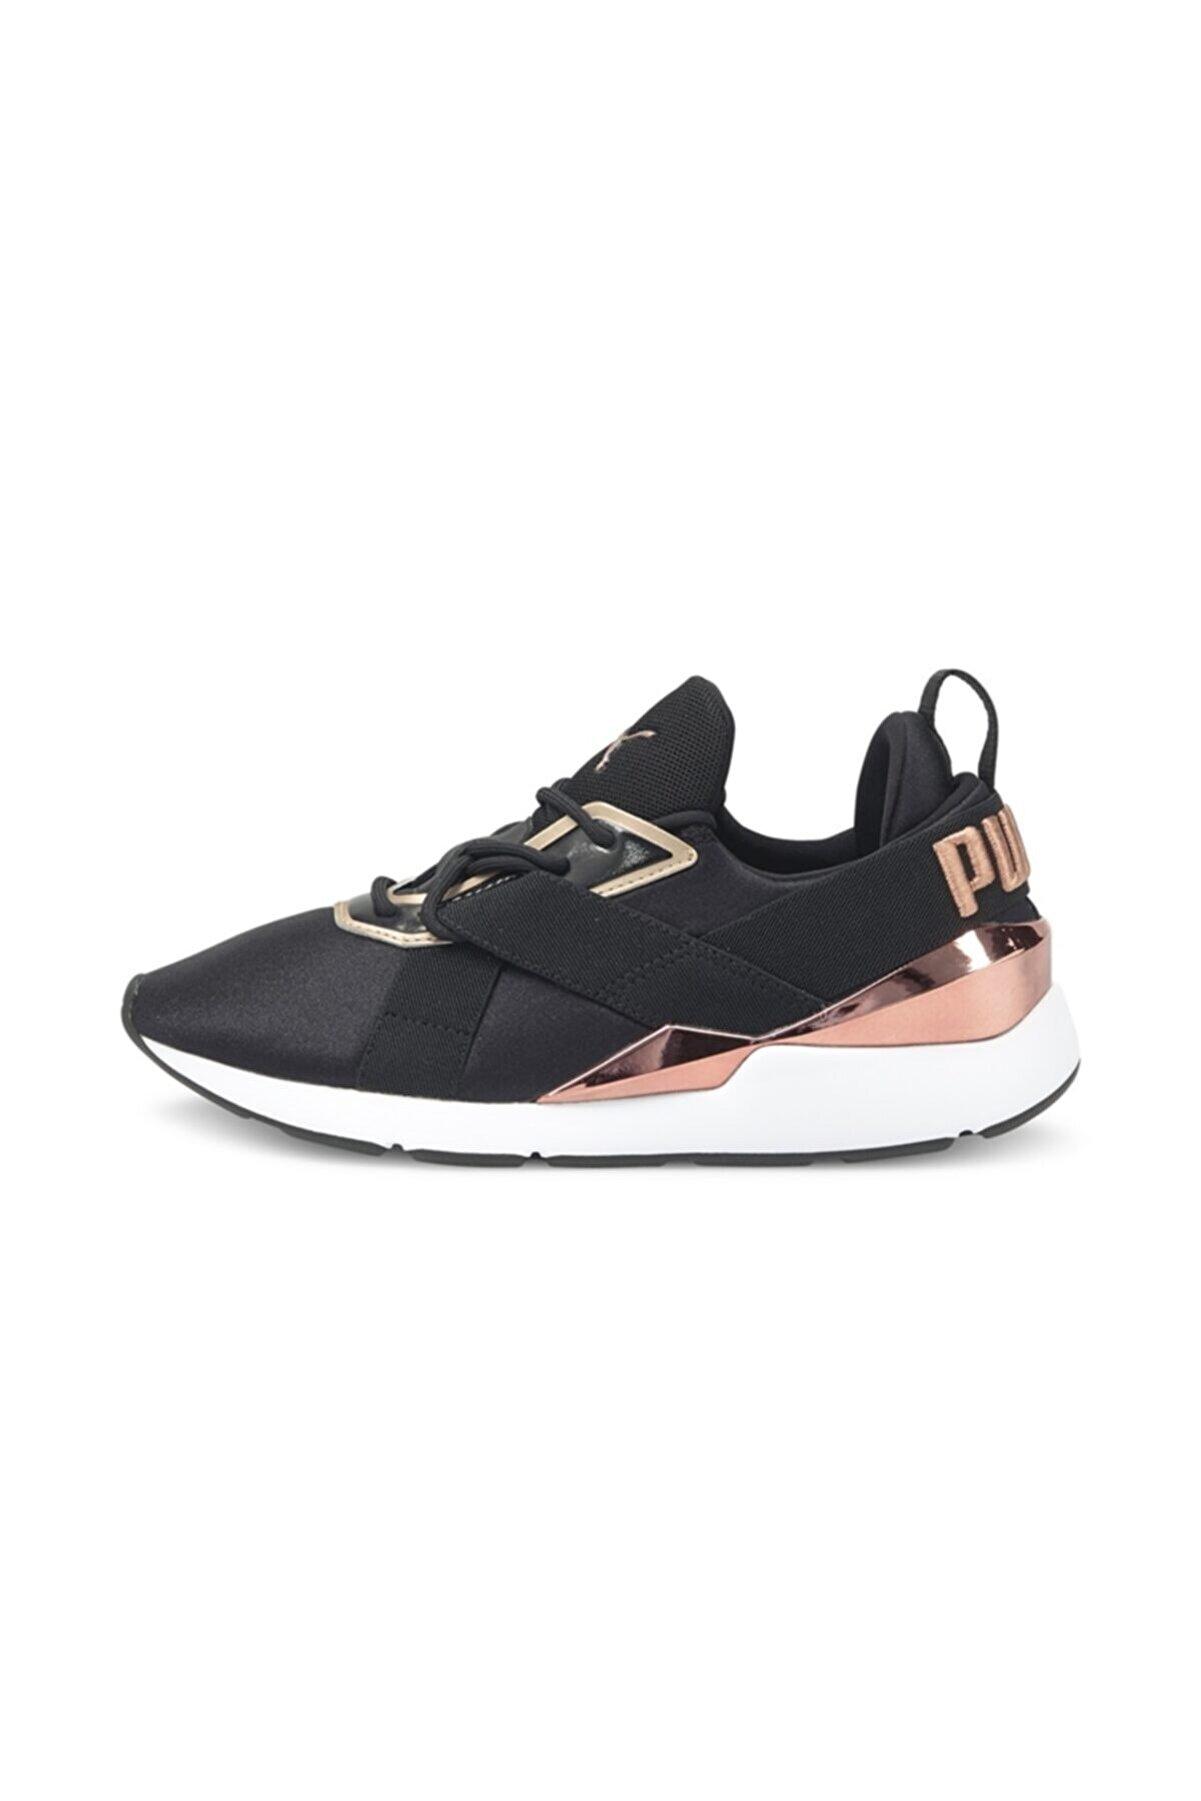 Puma Muse X3 Metallic Wn S A Kadın Günlük Ayakkabı - 37513101